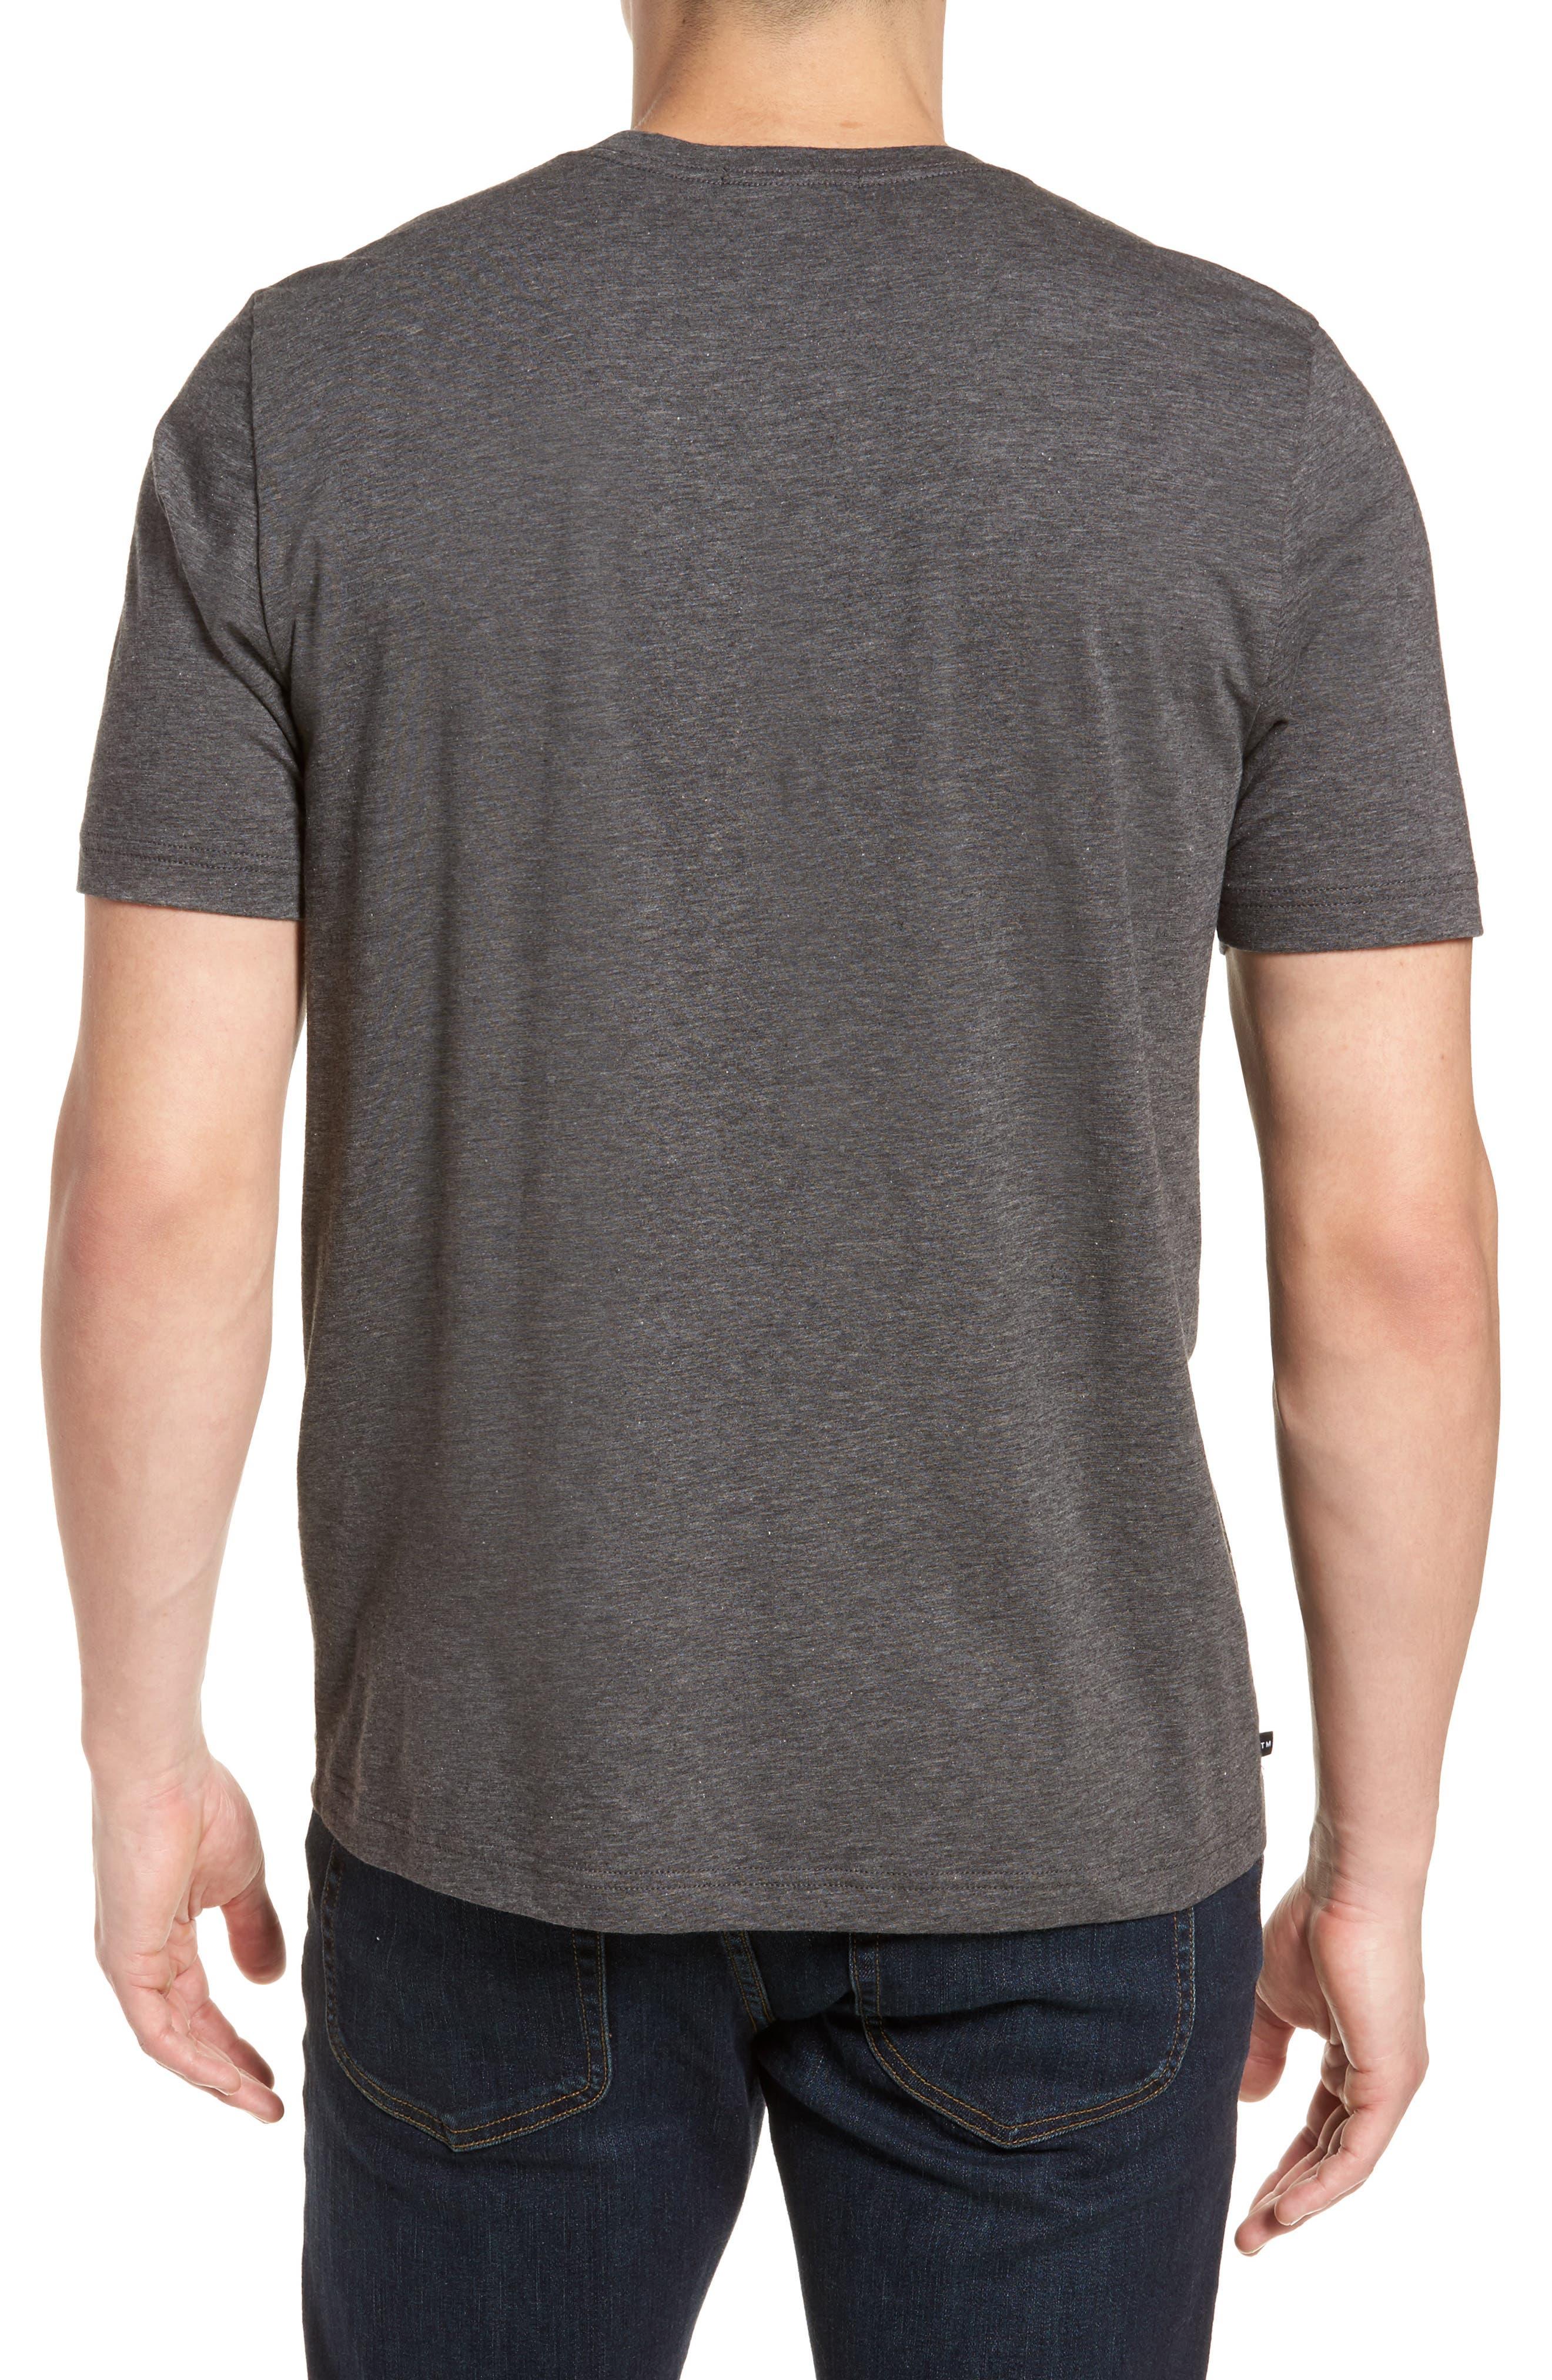 Hedrick T-Shirt,                             Alternate thumbnail 2, color,                             020